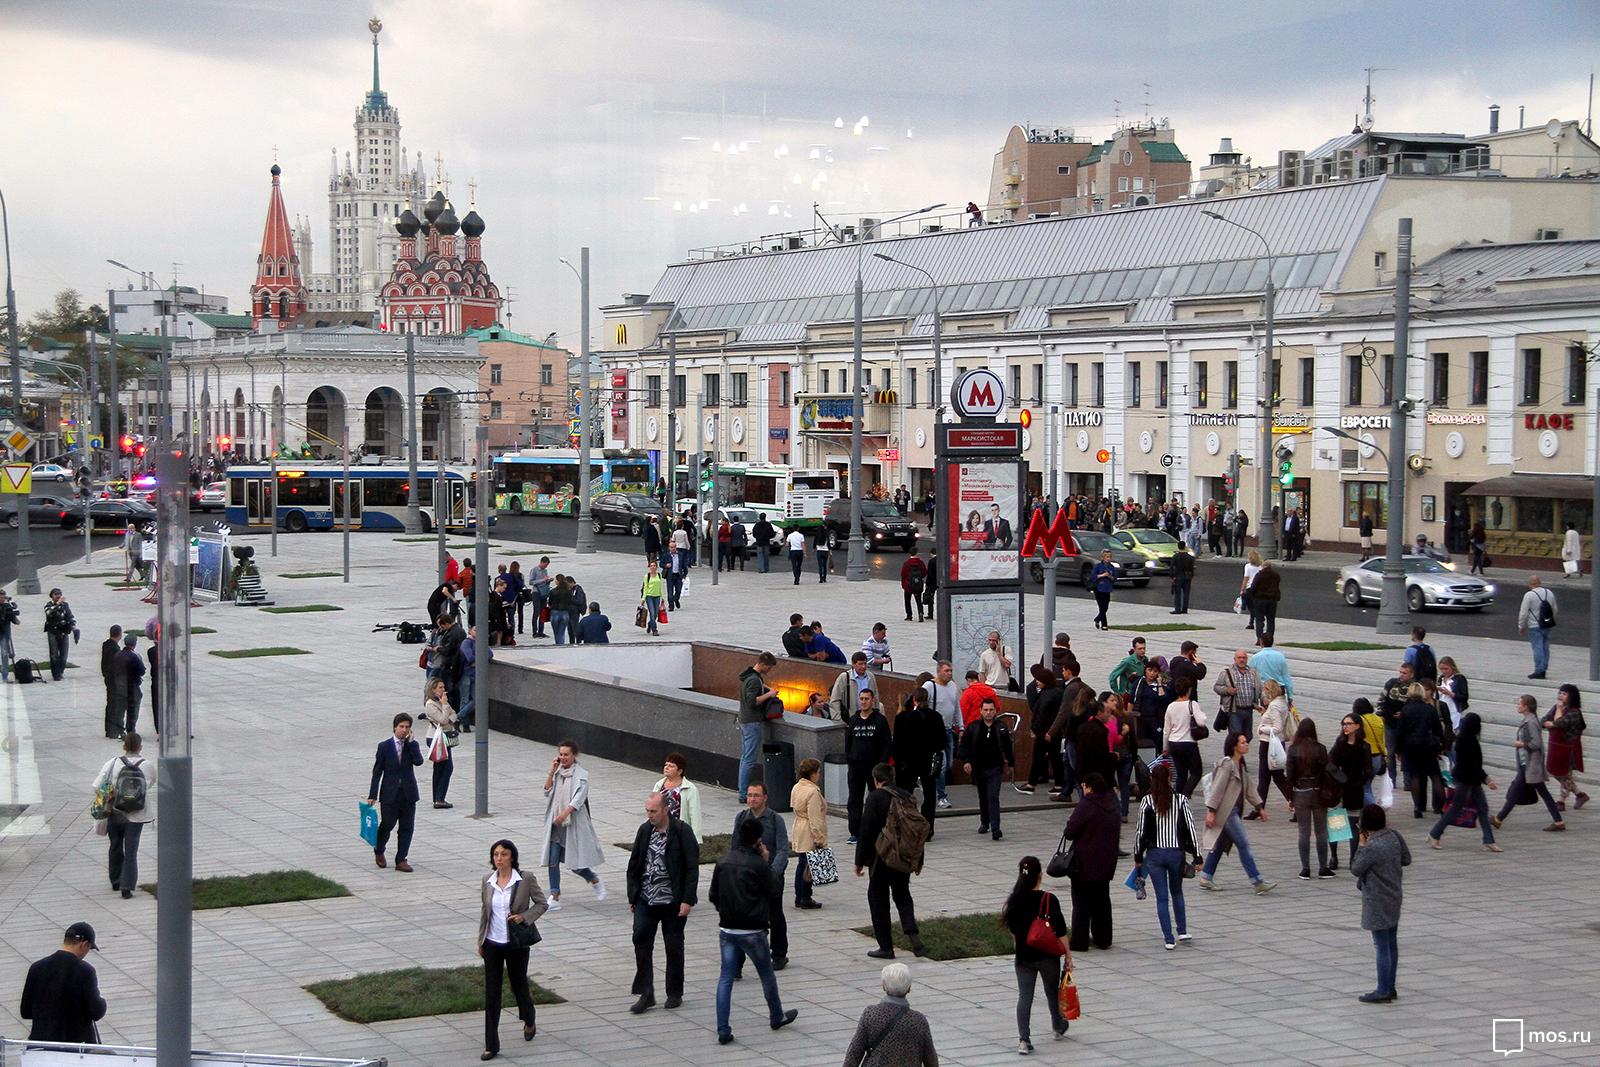 отдыха сюгеш москва китай город фото после реконструкции убитых румынских